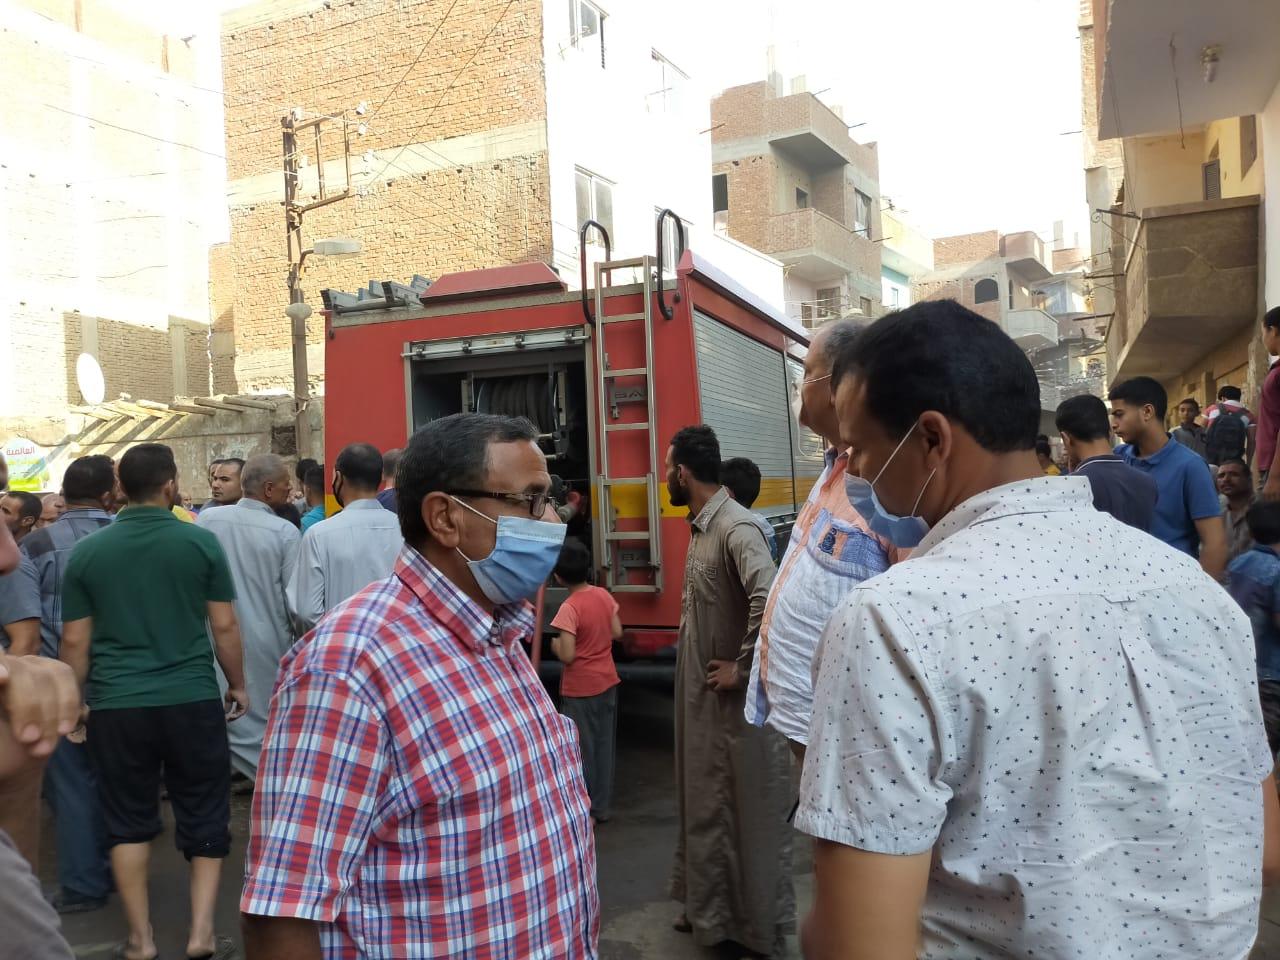 ى حريق بسبب انفجار أنبوبة بشقة فى قليوب (2)